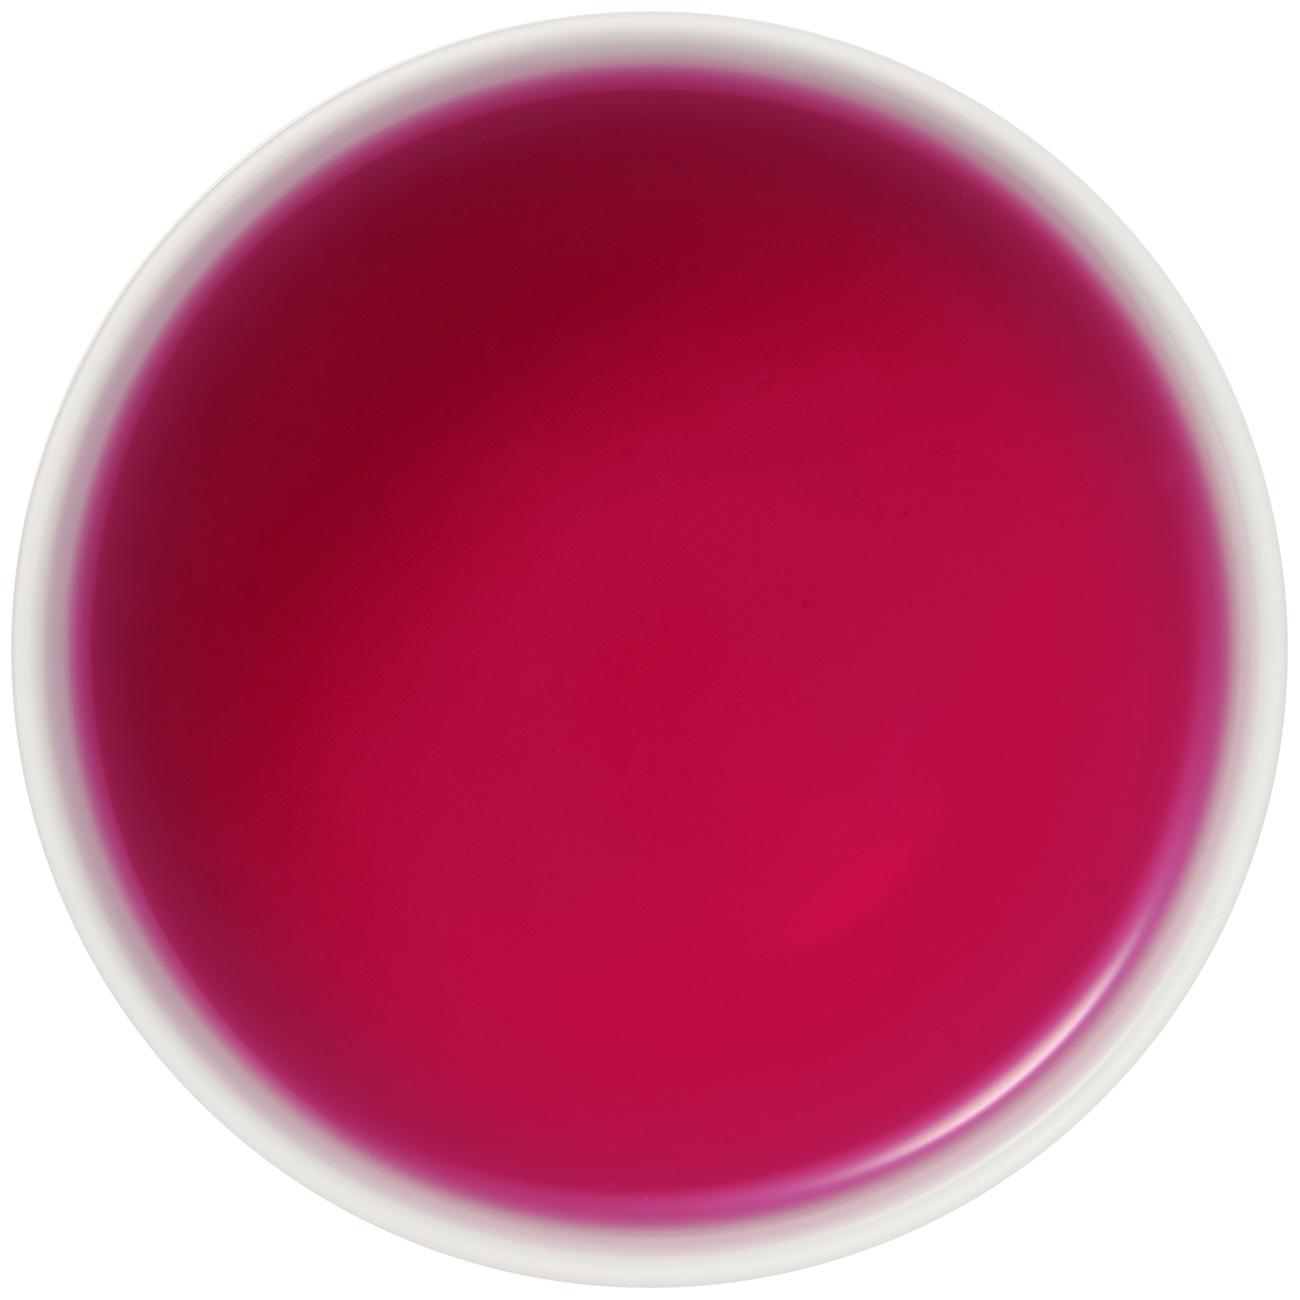 Kiwinas Berry vruchtenthee-3